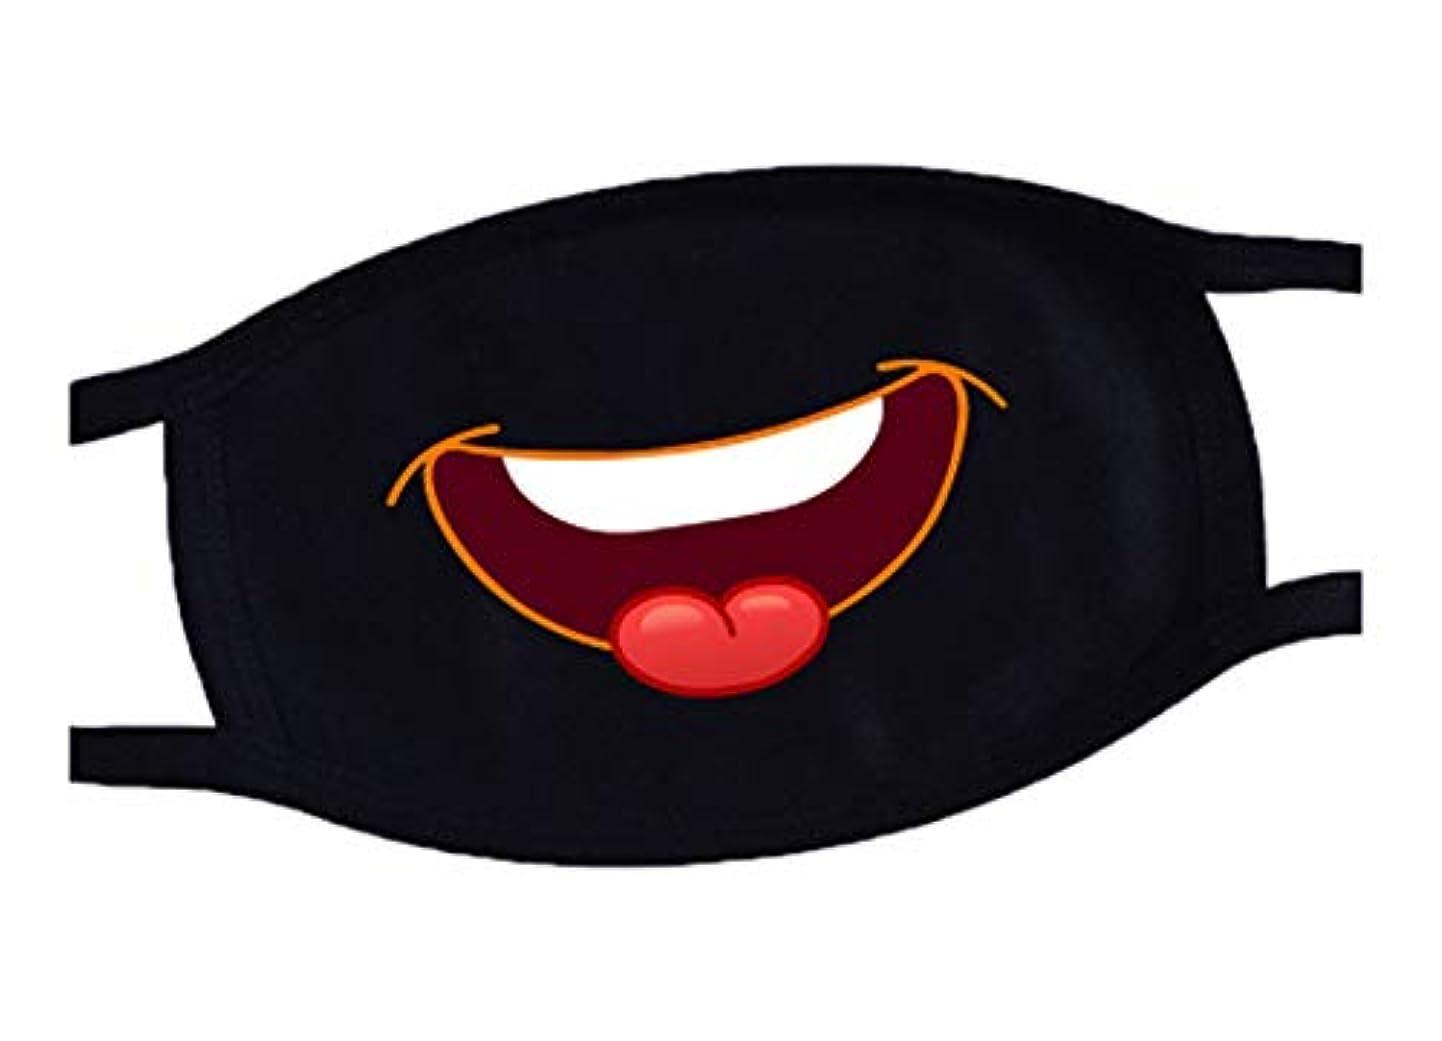 ガラス上回る単にブラック面白い口のマスク、かわいいユニセックスの顔の口のマスク、ティーンズ、F1